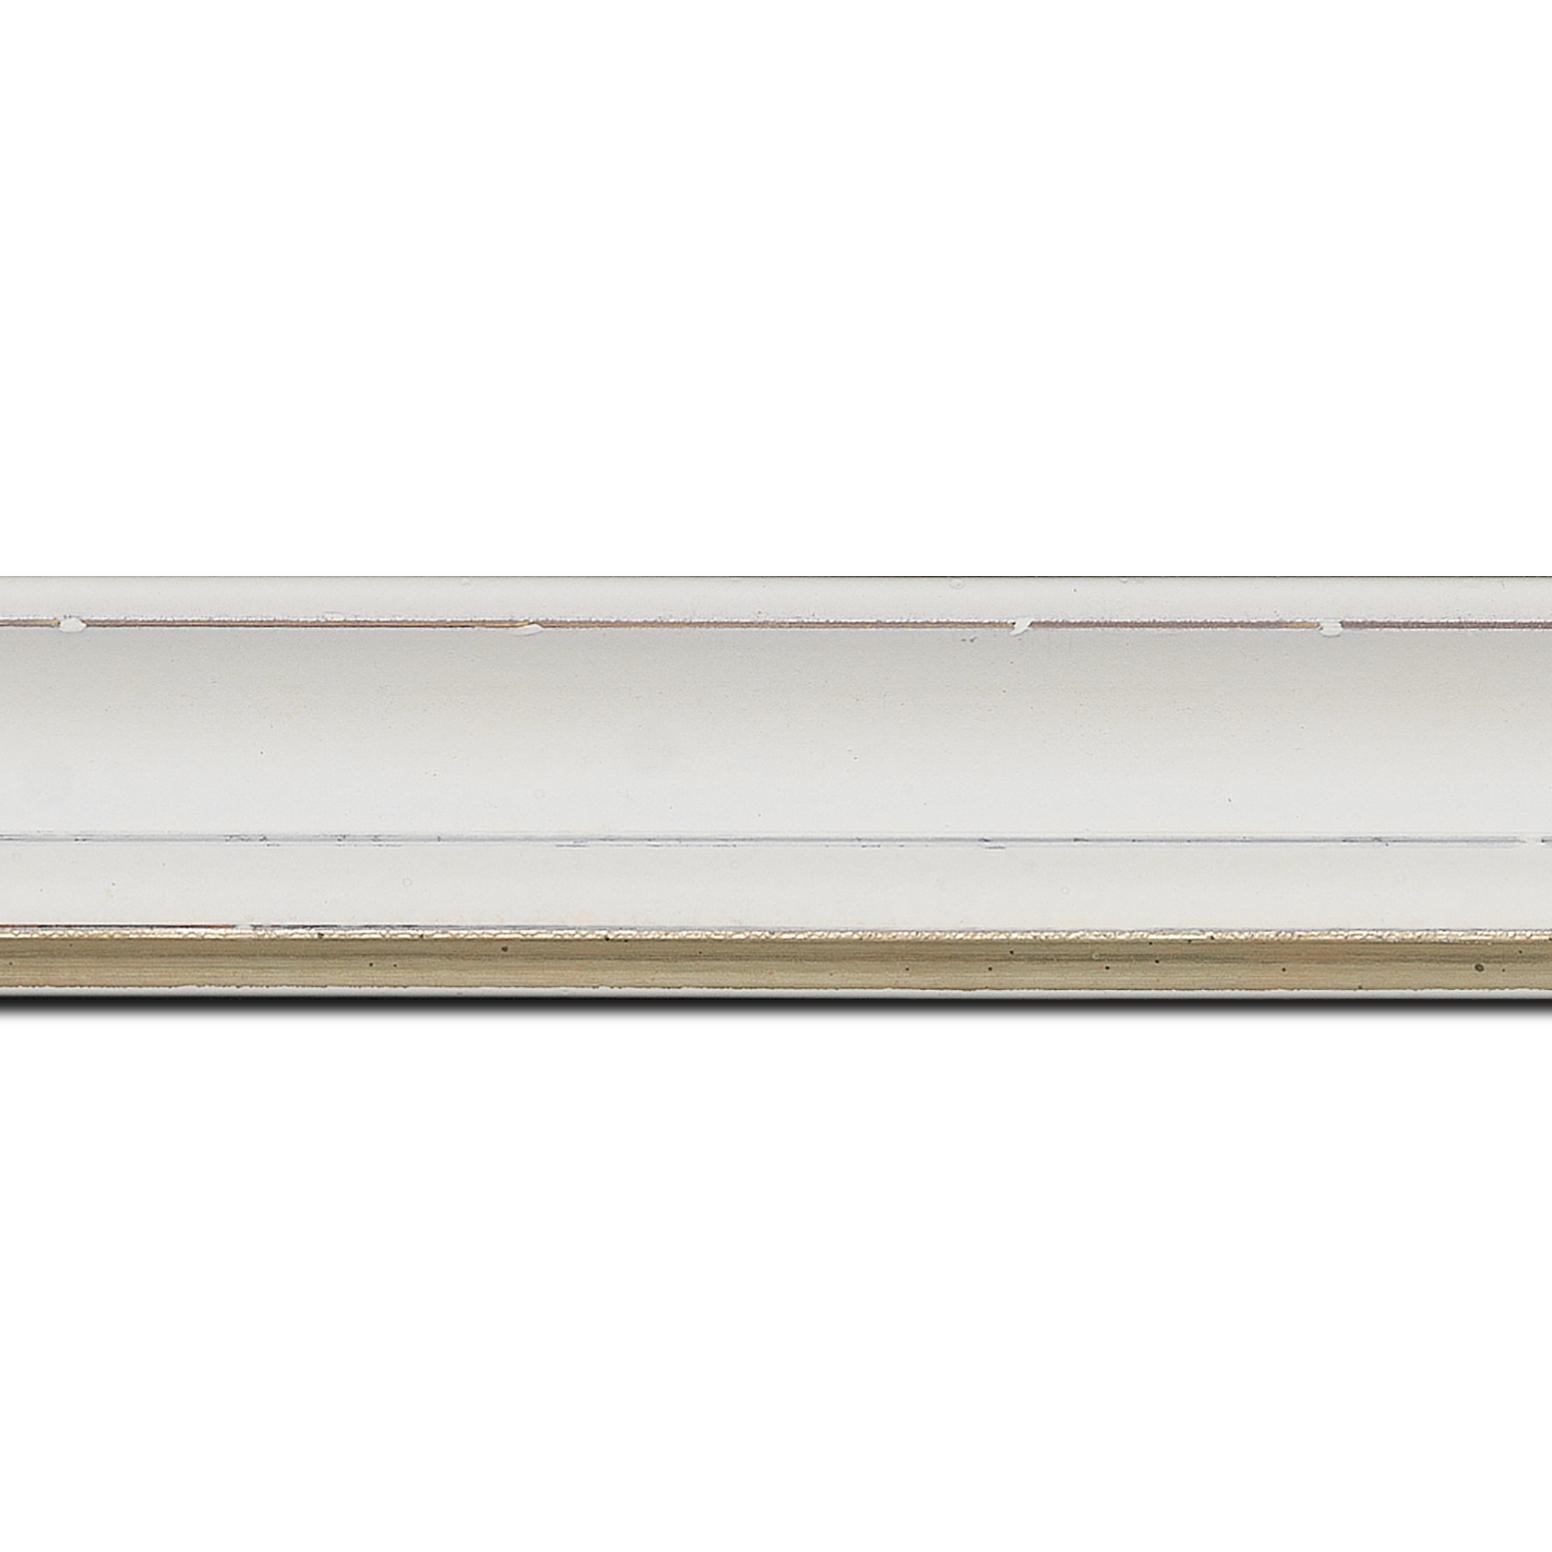 Pack par 12m, bois profil incurvé largeur 4.2cm couleur ivoire filet or fondu finition nature (longueur baguette pouvant varier entre 2.40m et 3m selon arrivage des bois)